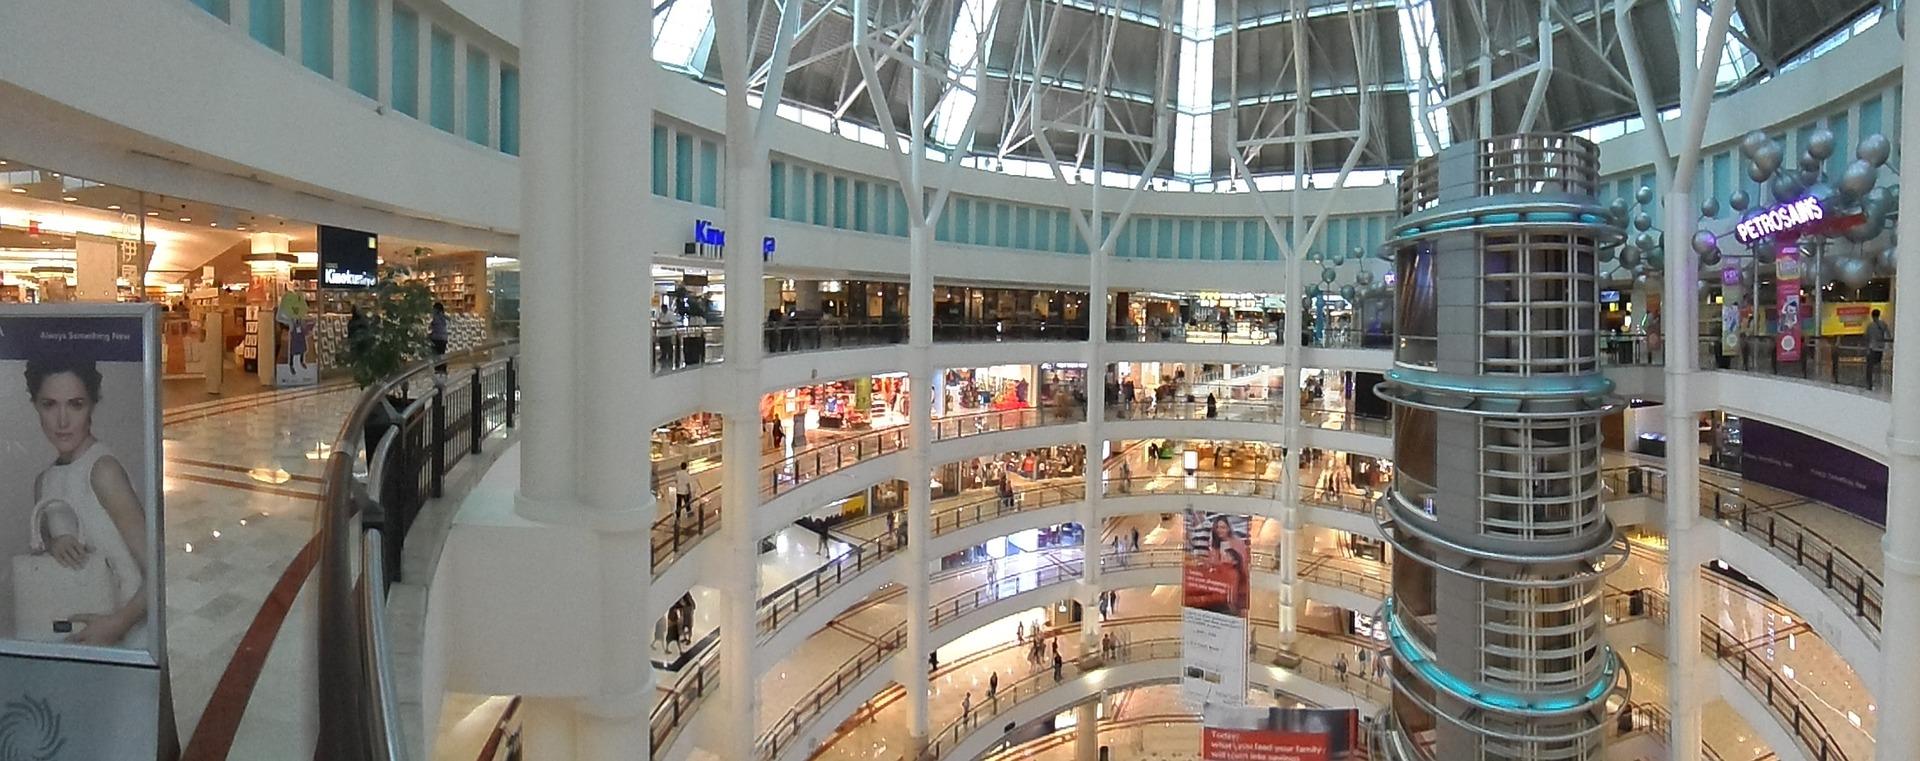 IOT, Centro Comercial, Retail, retailer